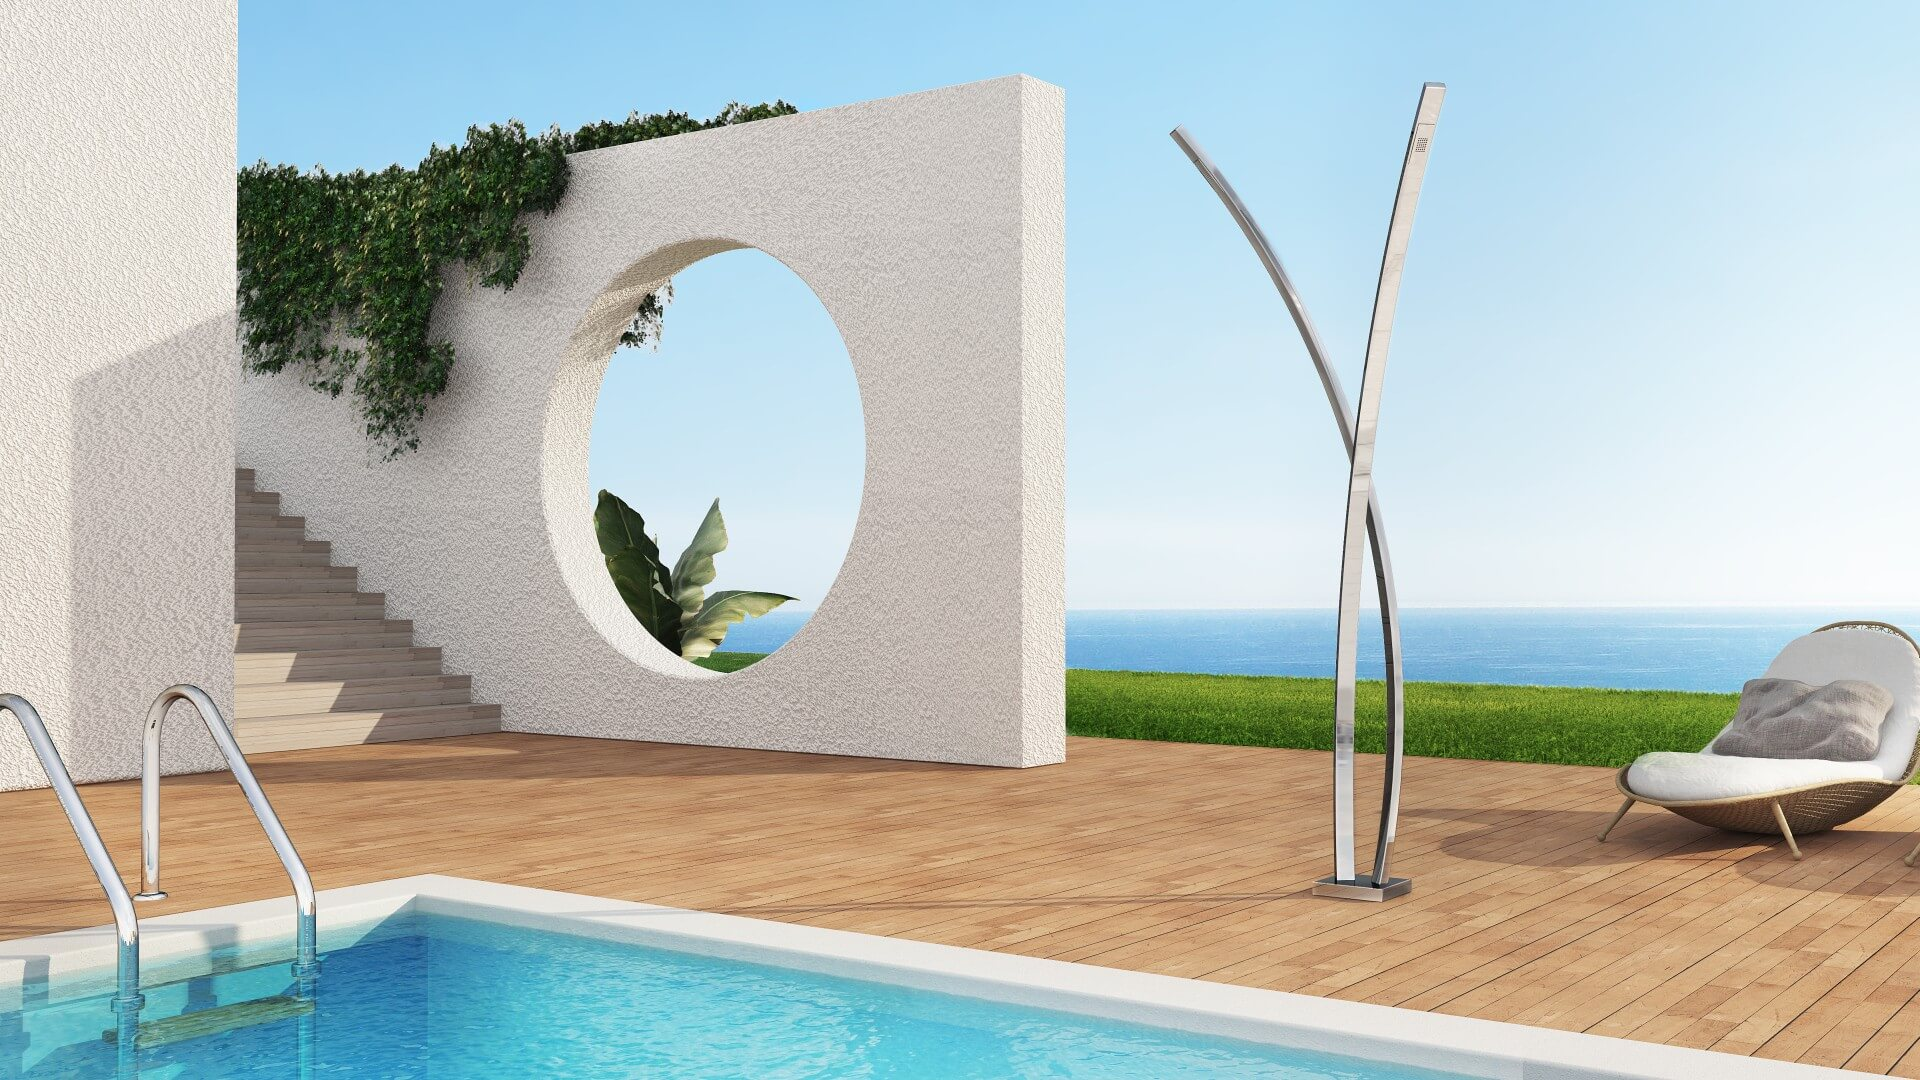 Bild Außendusche, Pool, Garten - Preludio Inoxstyle